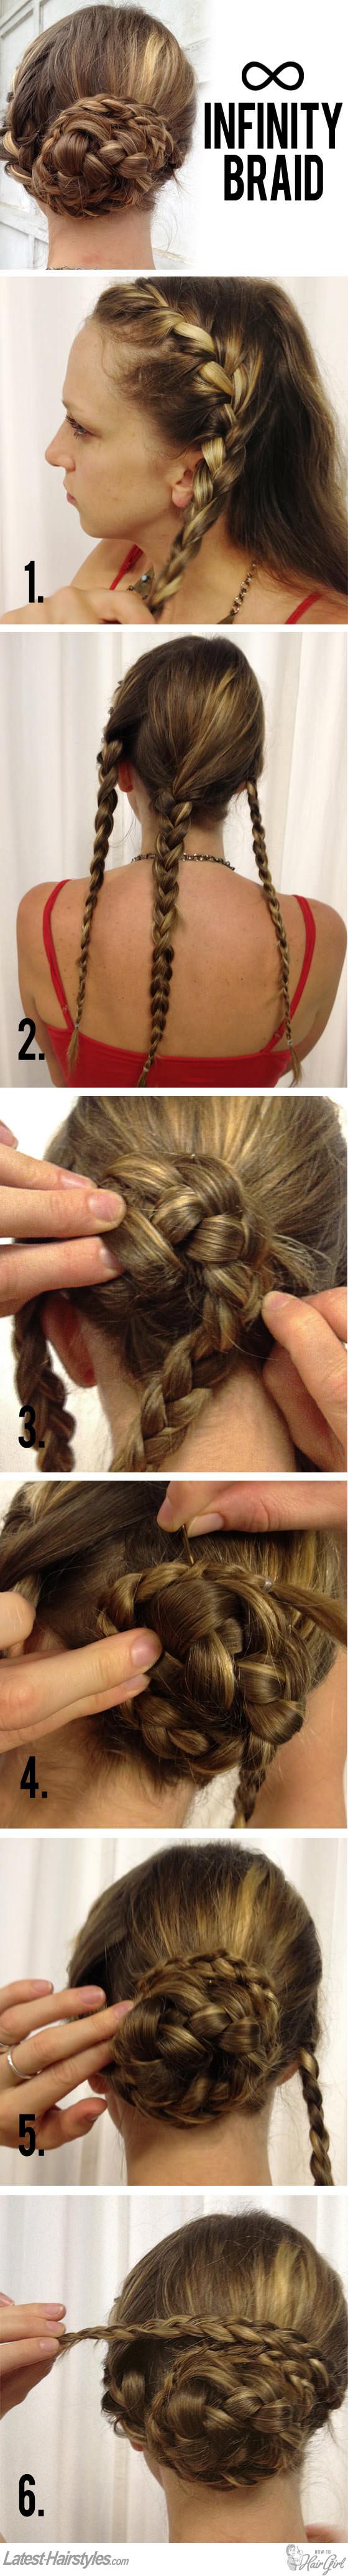 infinity braid hair tutorial